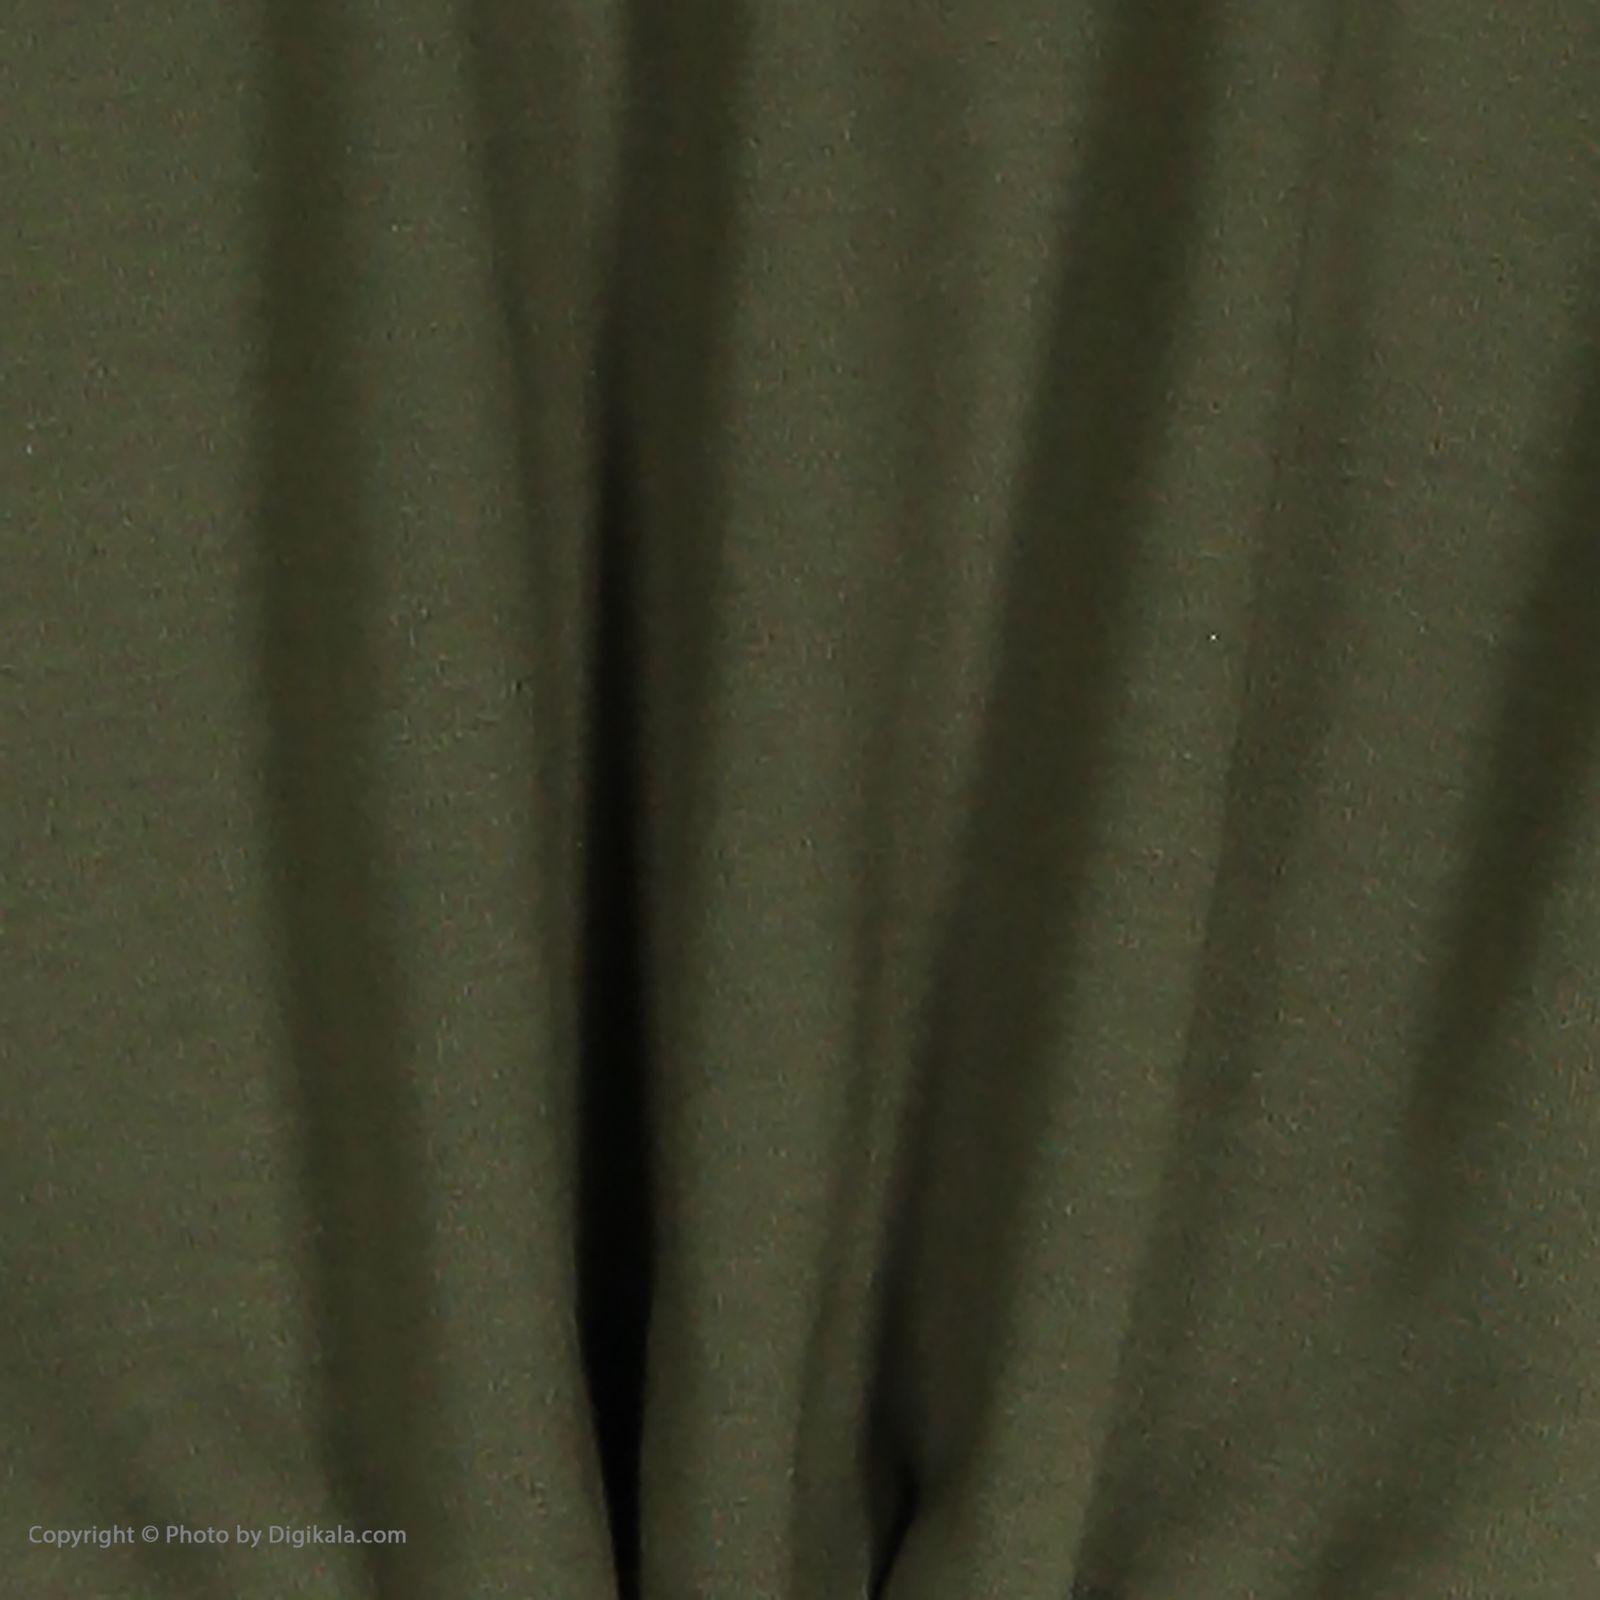 ست تی شرت و شلوار پسرانه مادر مدل 310-49 main 1 6